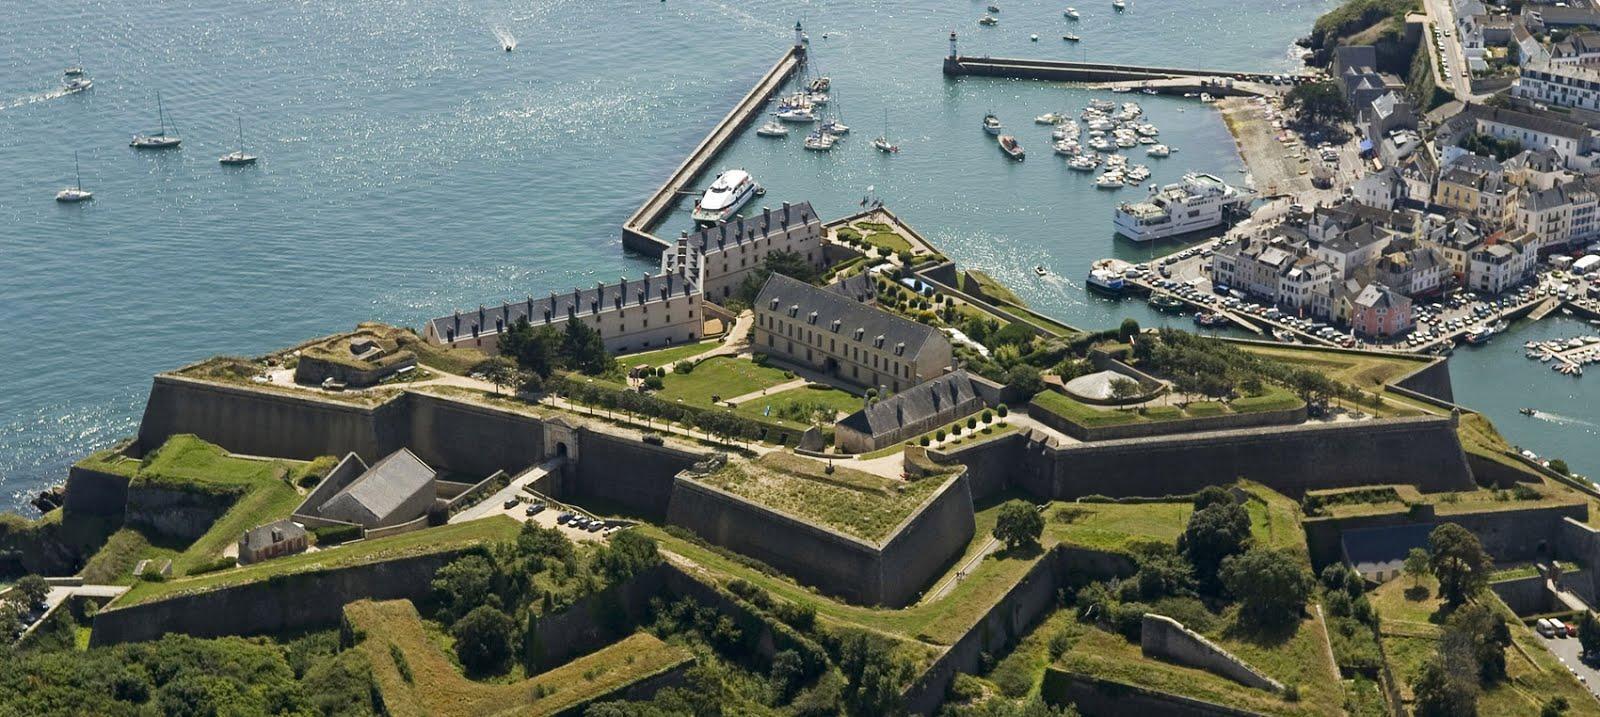 documentaire: architecture la citadelle de vauban - btp-cours